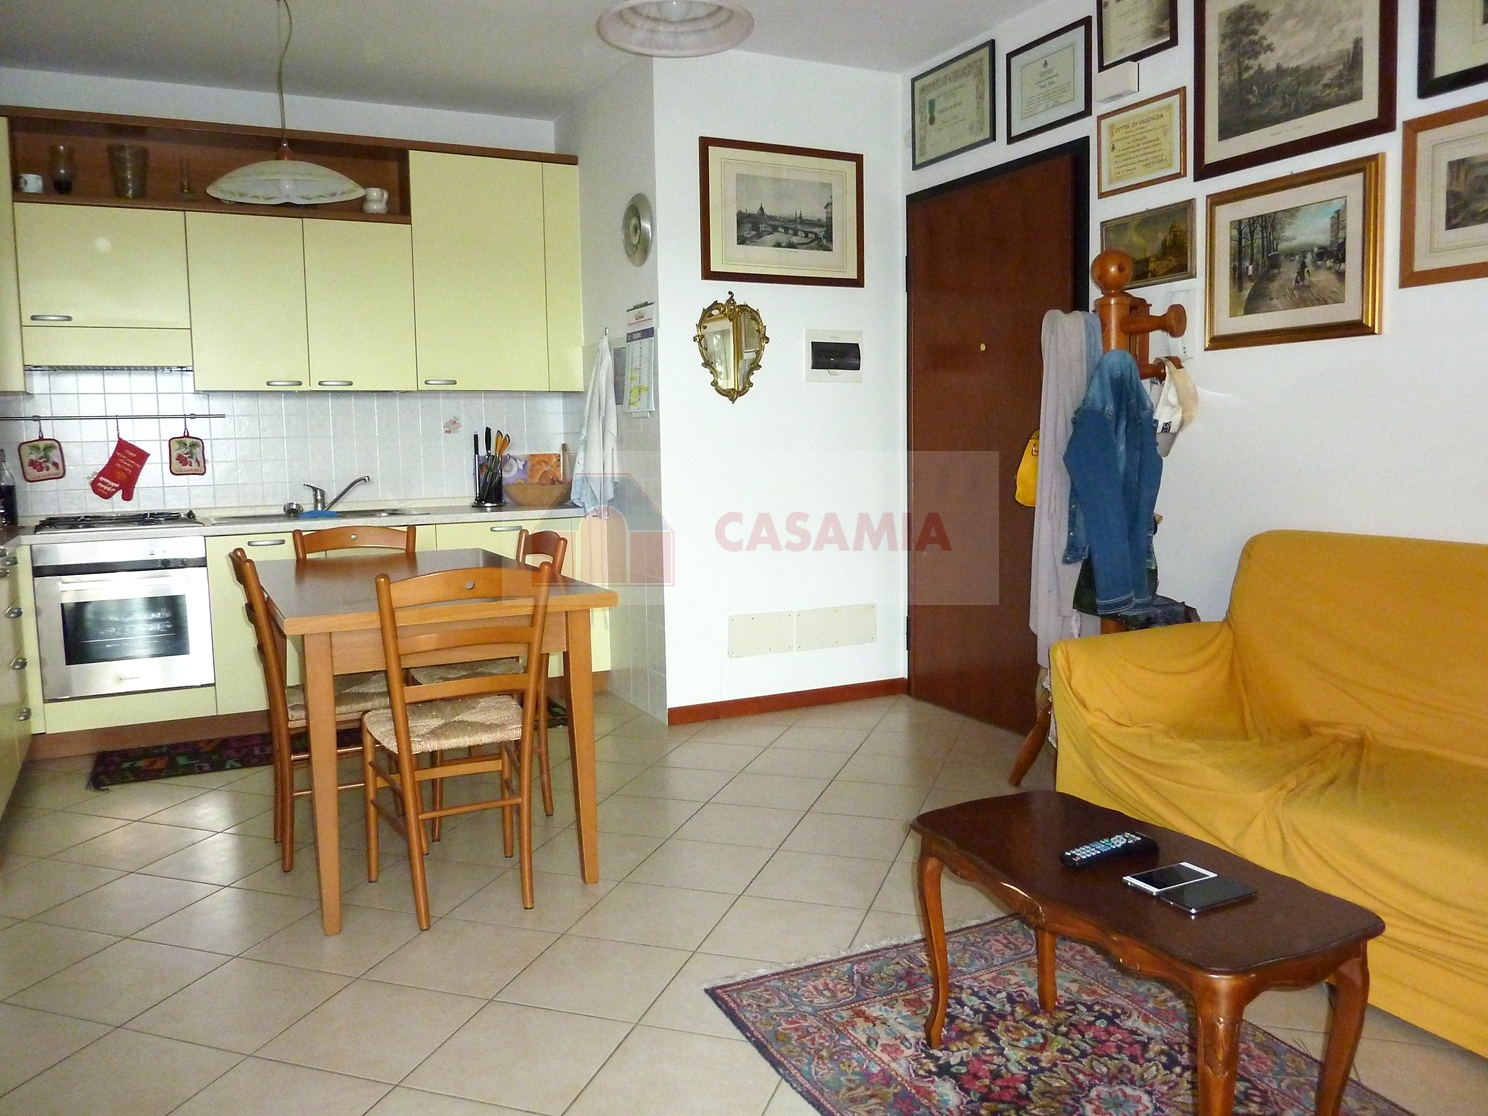 Appartamento in vendita a Oderzo, 3 locali, zona Zona: Colfrancui, prezzo € 120.000 | CambioCasa.it